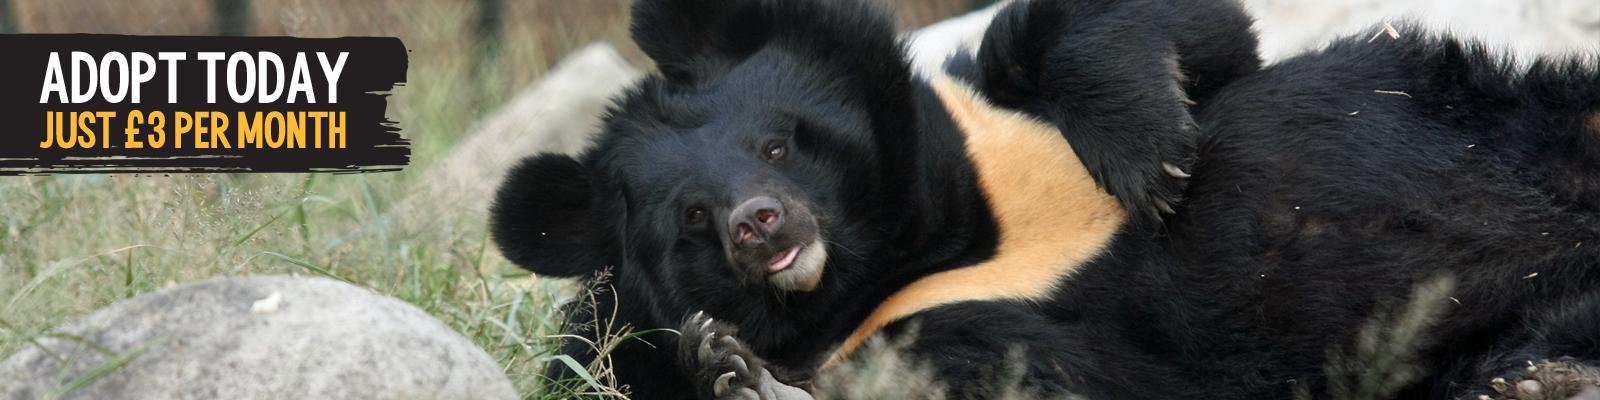 ADOPT AN MOON BEAR